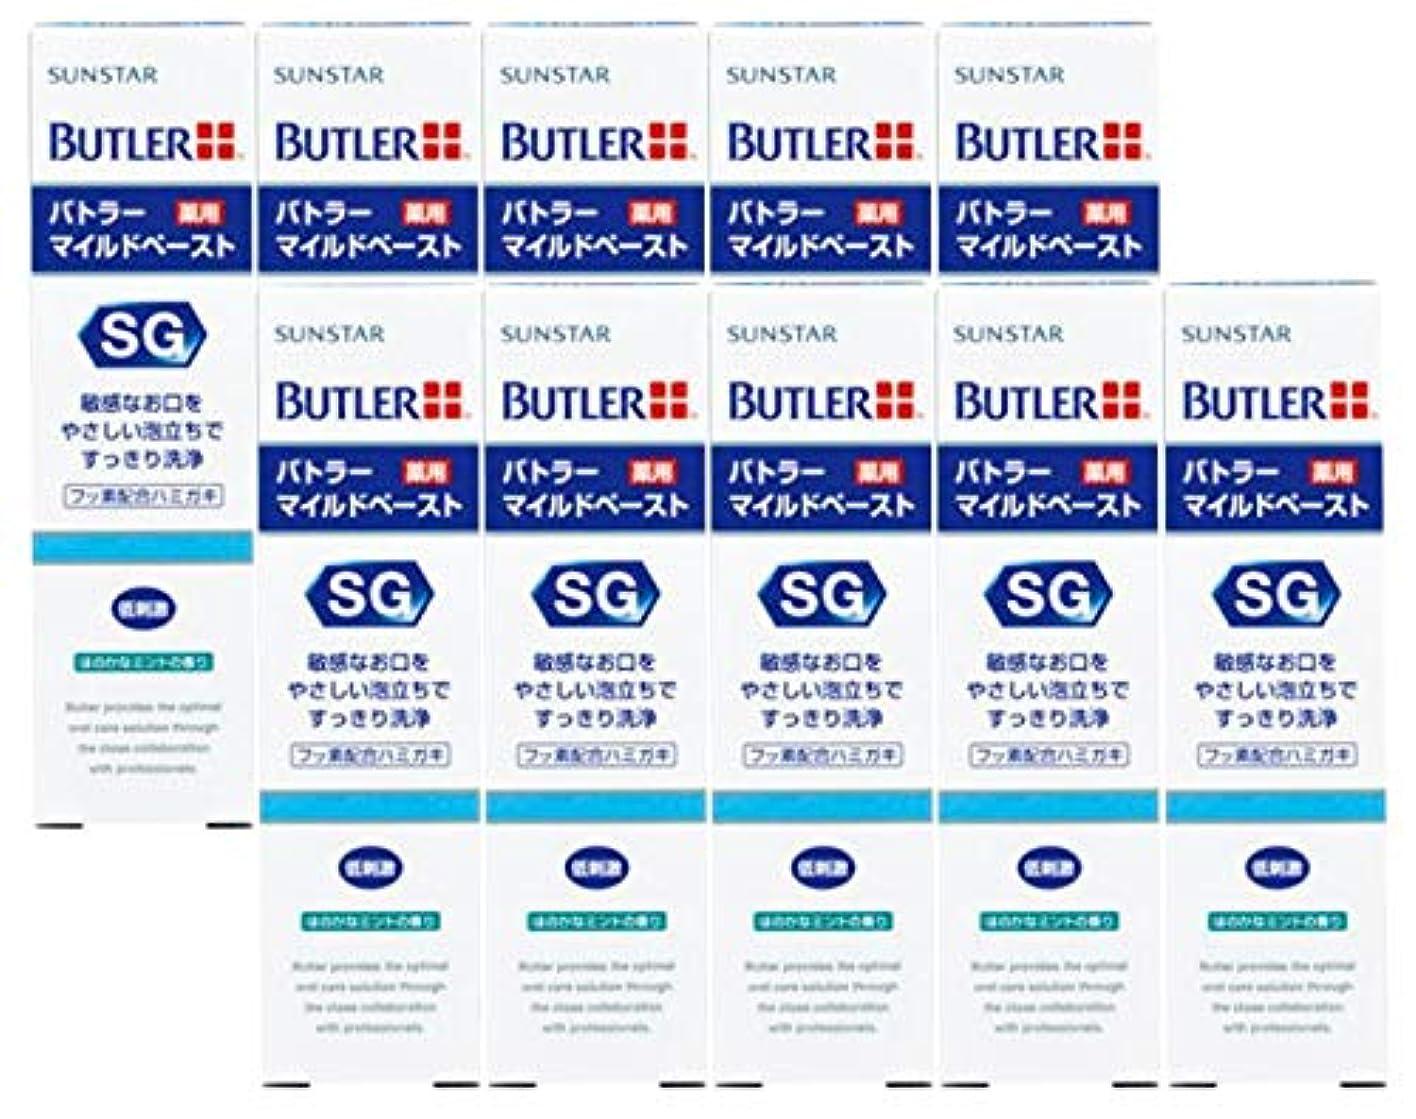 本能レンズだますサンスター(SUNSTAR) バトラー(BUTLER) マイルドペースト 25g × 10本 医薬部外品